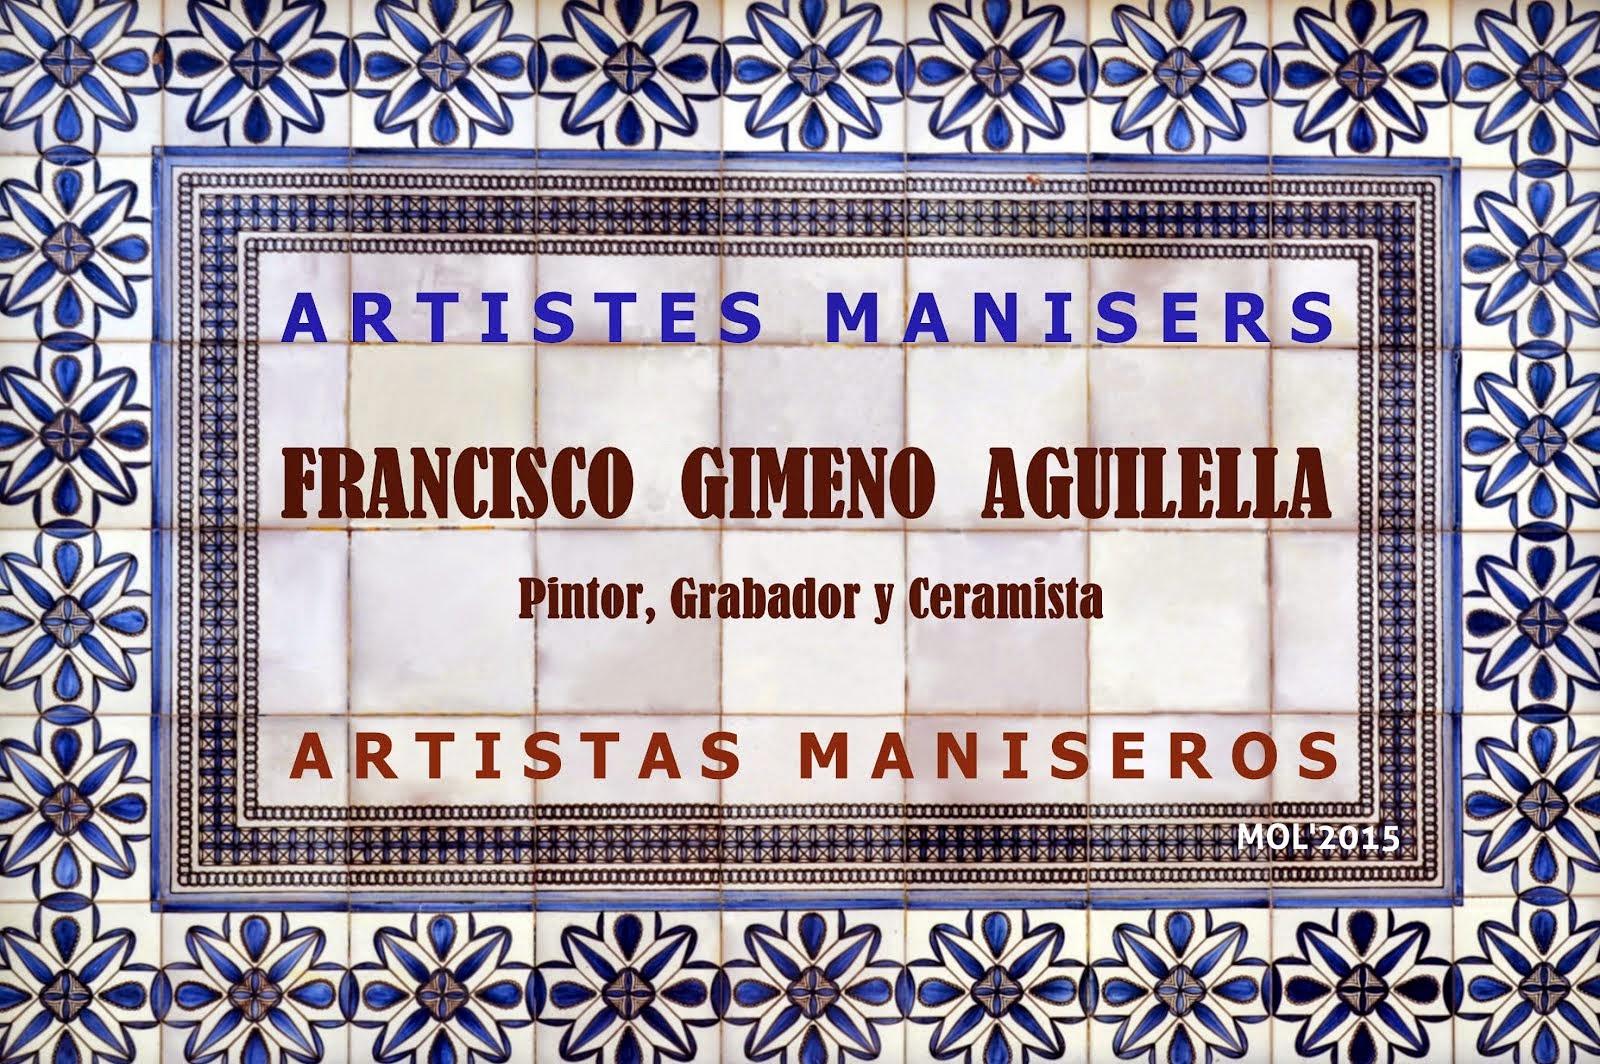 FRANCISCO GIMENO AGUILELLA, PINTOR, GRABADOR Y CERAMISTA MANISERO